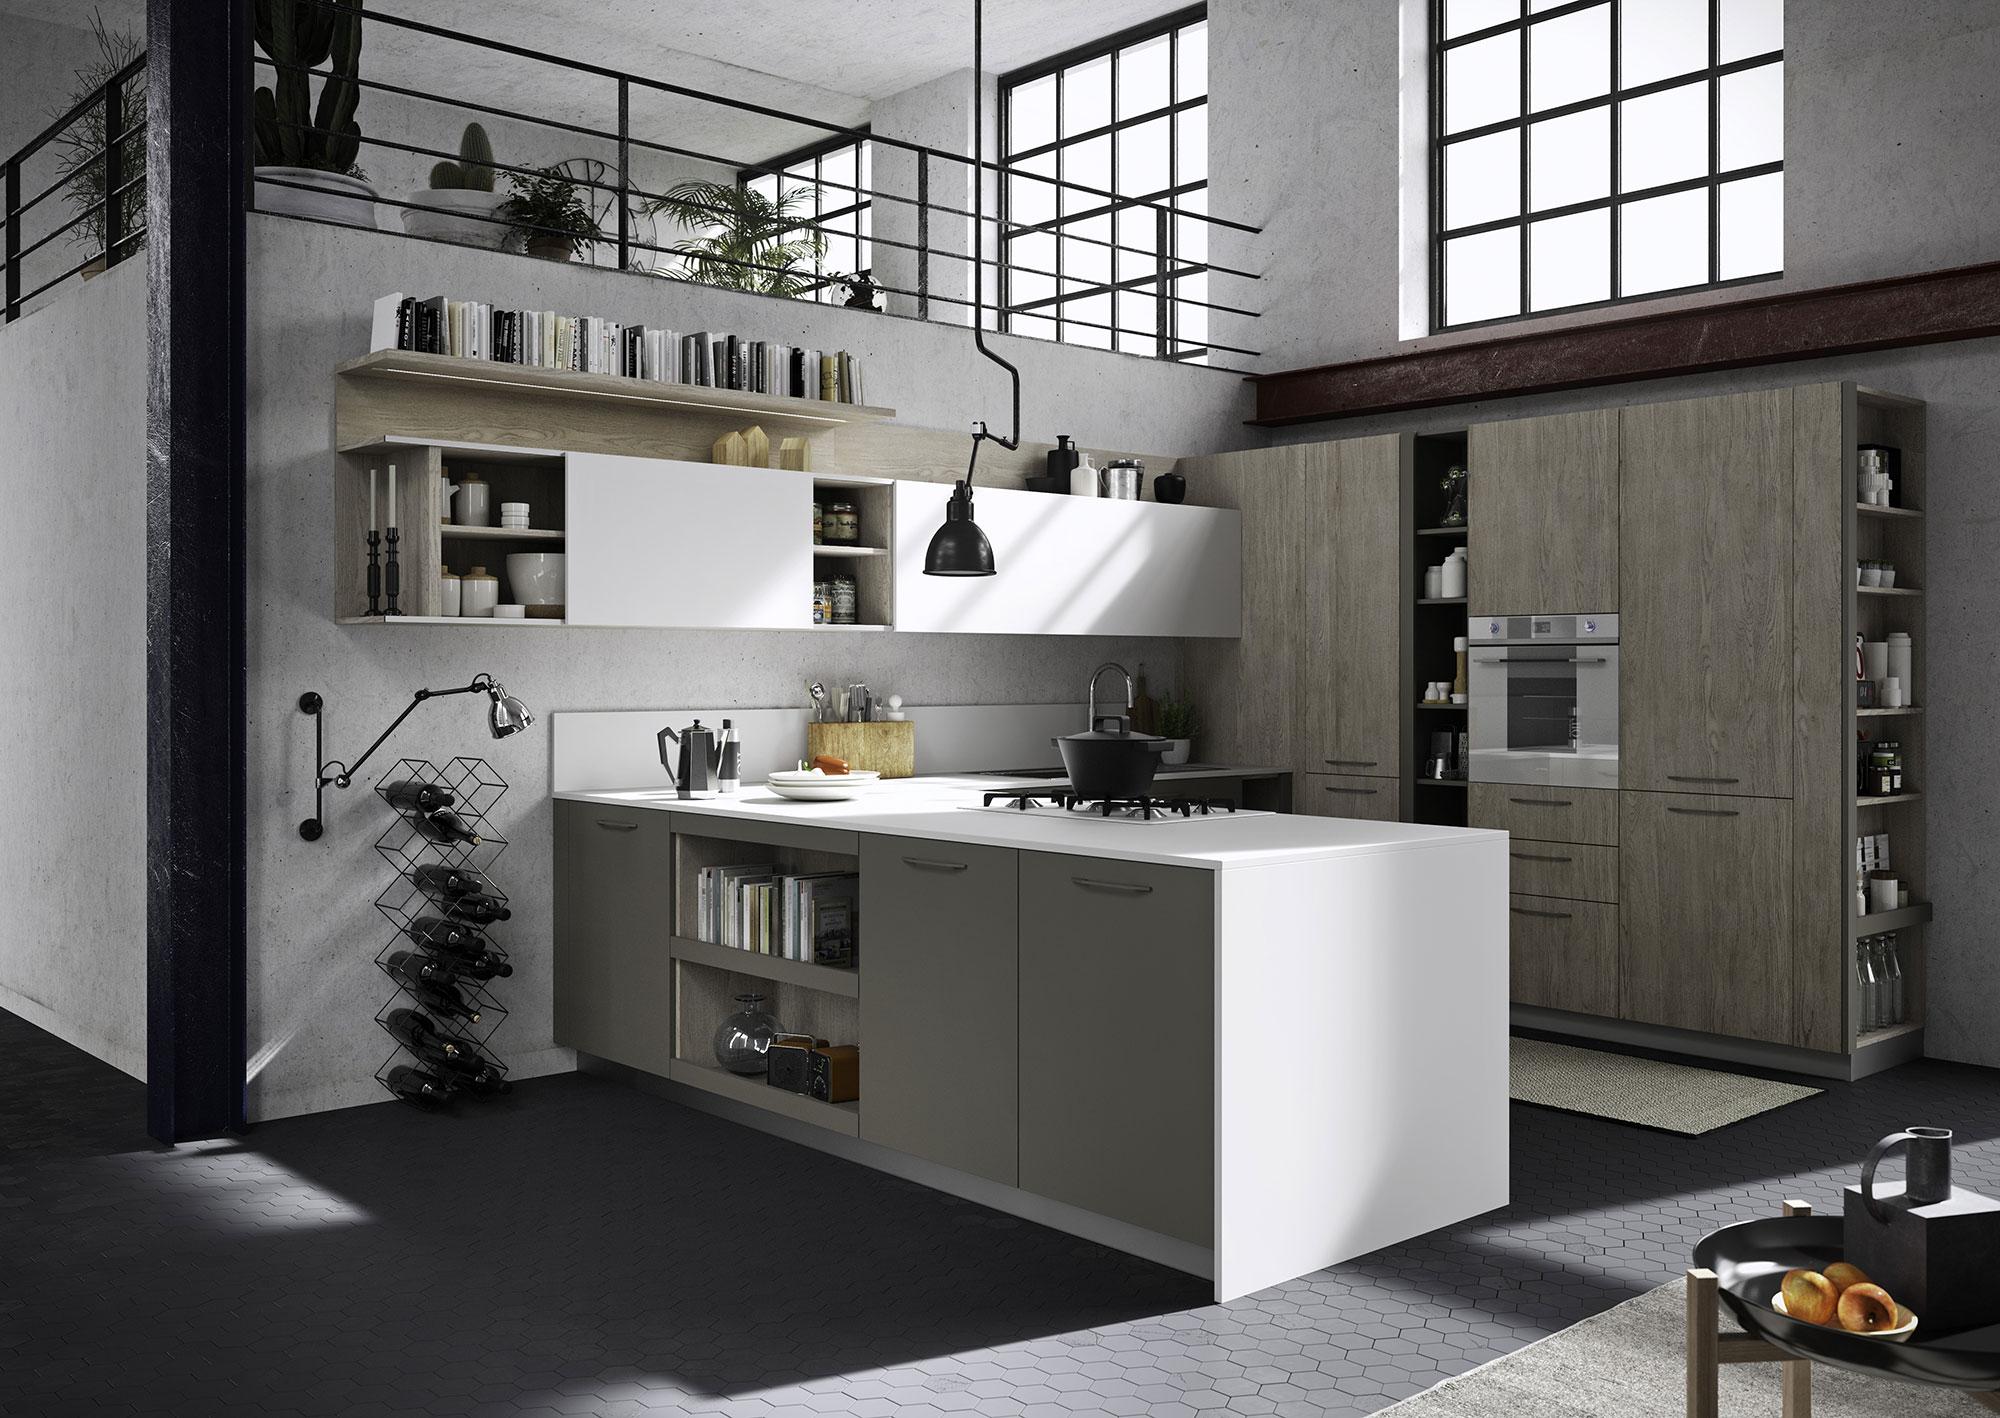 cucine-design-economiche-fun-snaidero-dettaglio-6